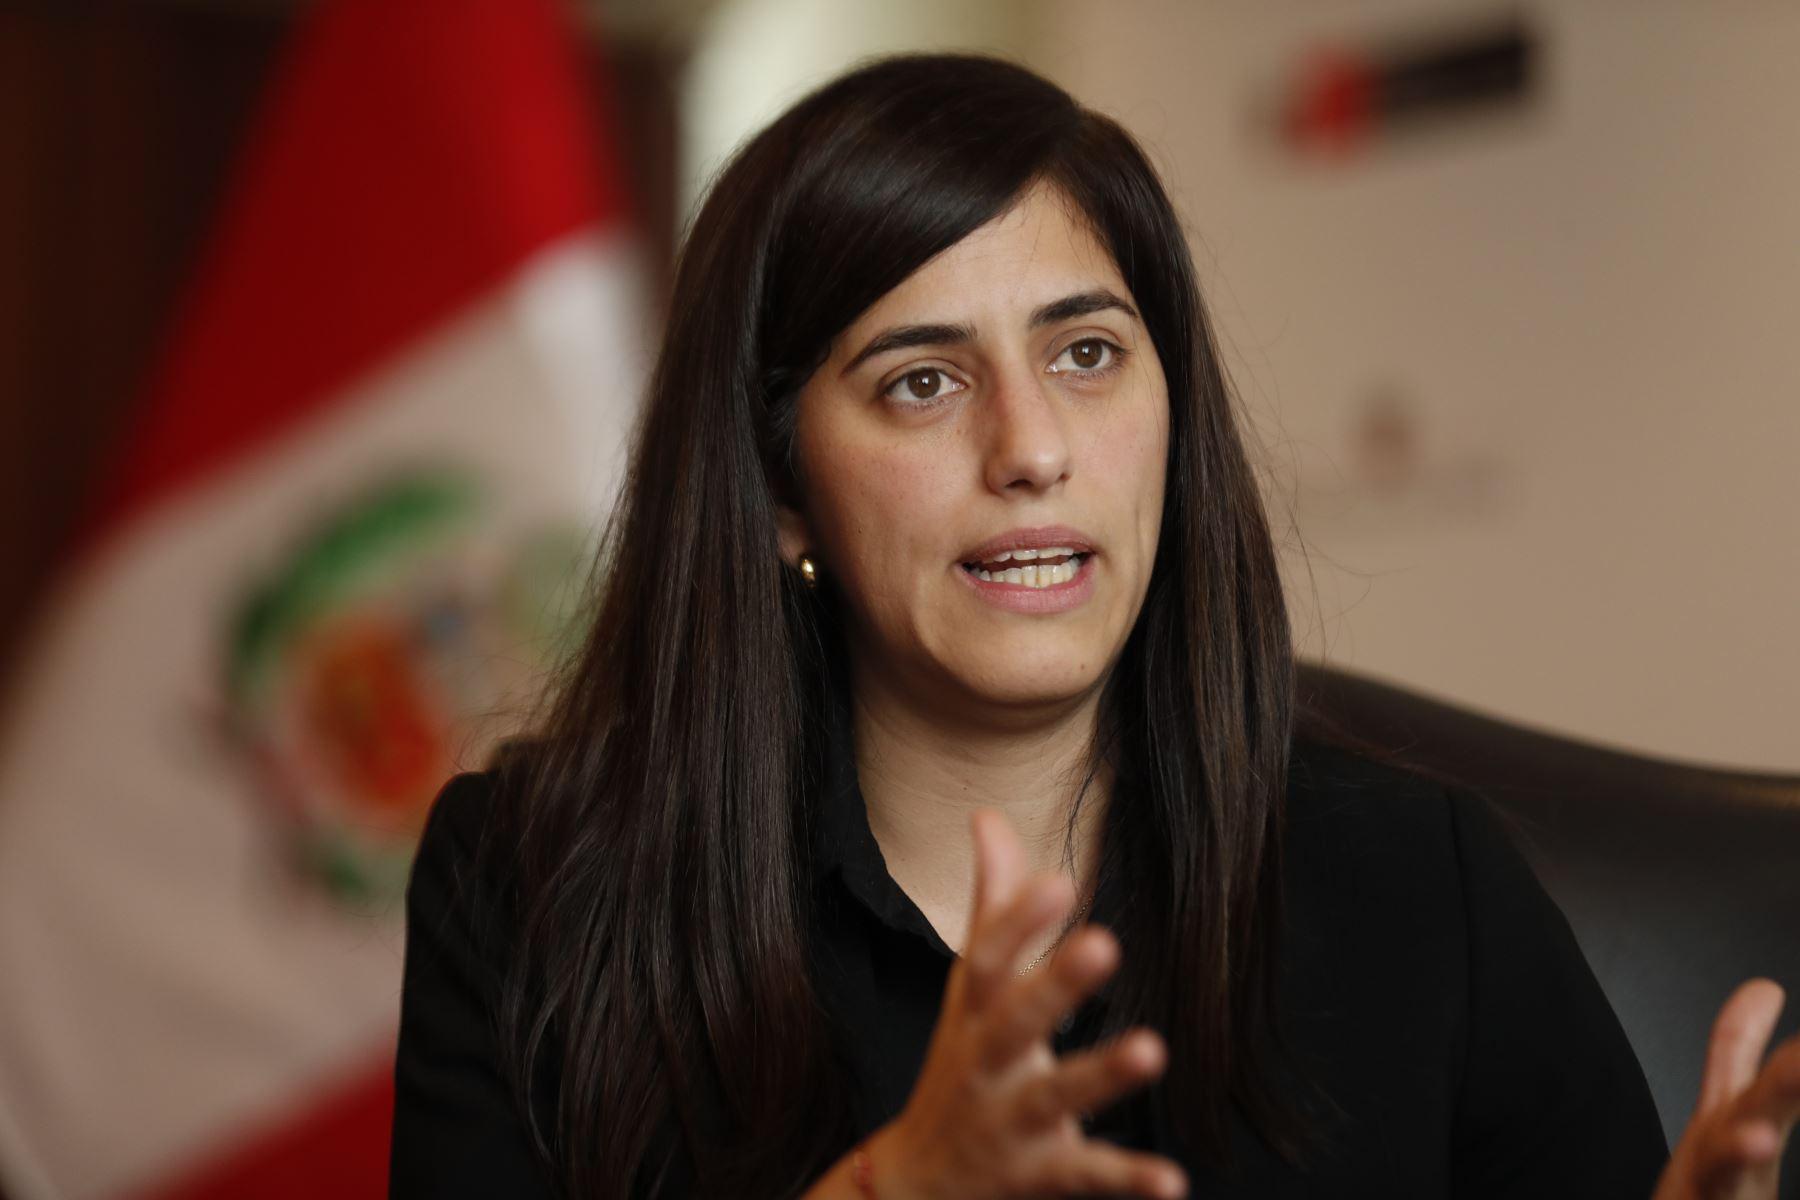 Ministra de Economía y Finanzas, María Antonieta Alva. ANDINA/Carlos Lezama